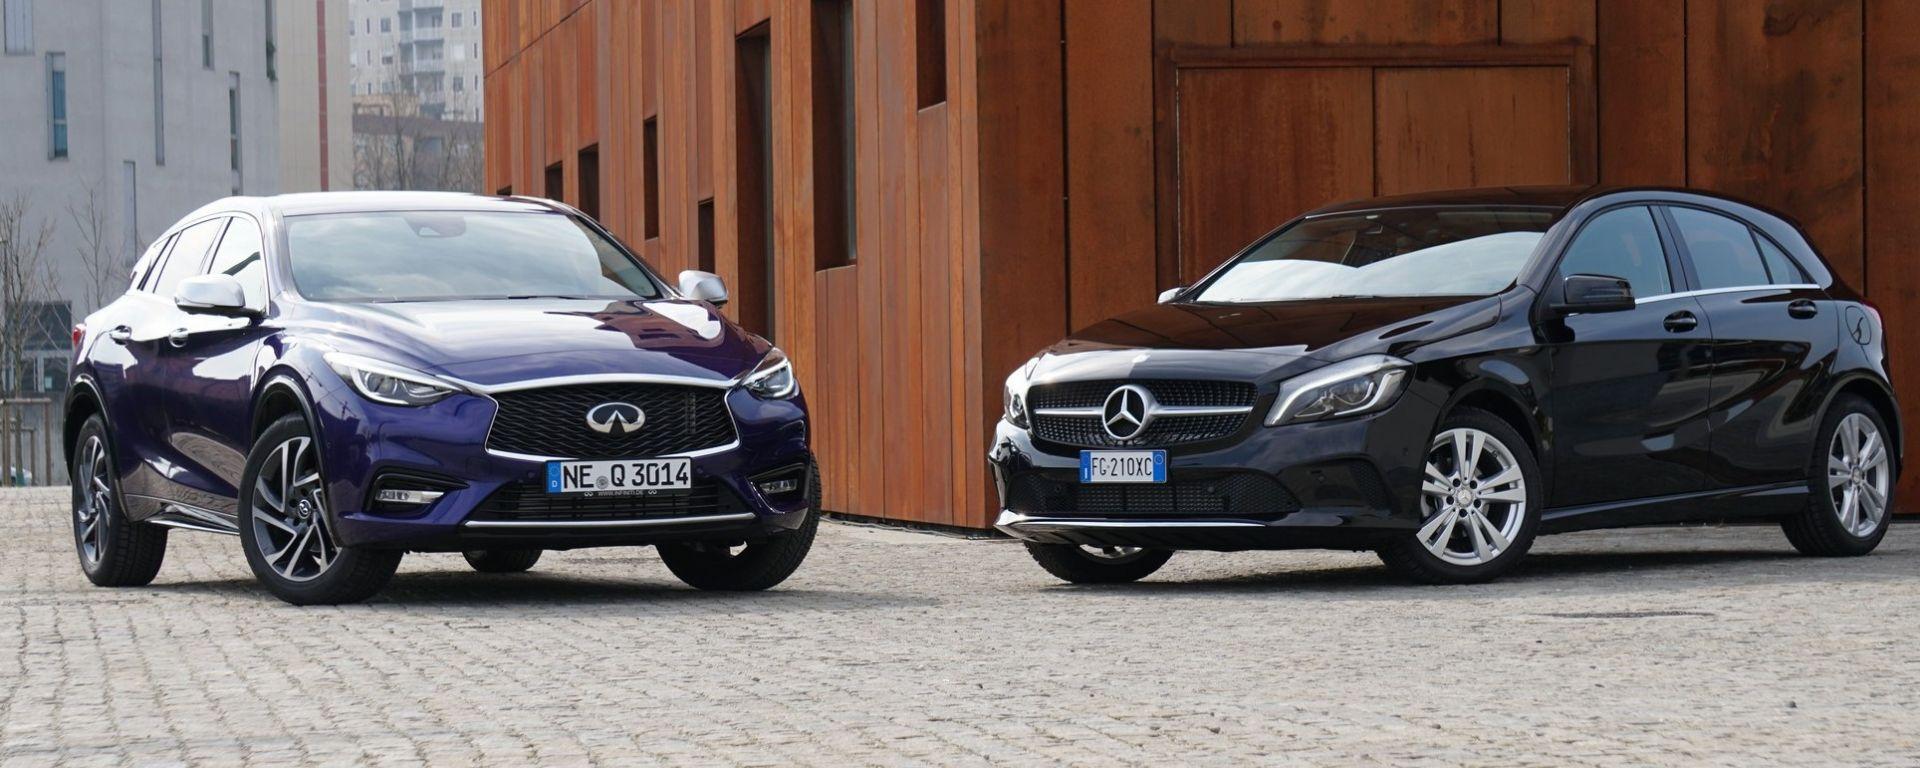 Infiniti Q30 vs Mercedes Classe A: la prova confronto